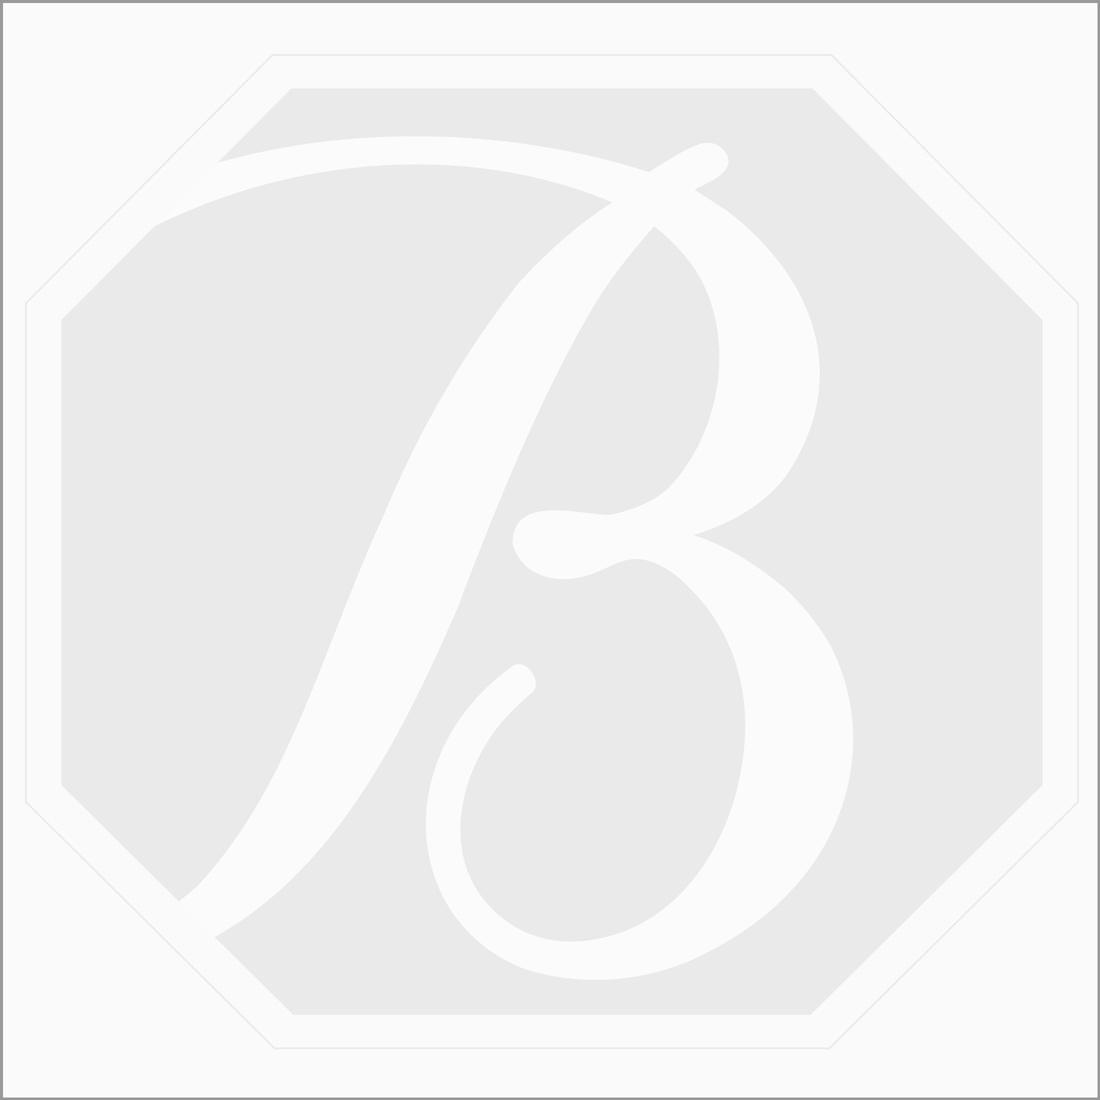 2 Pcs - Dark Green Tourmaline Rose Cuts - 16.68 ct. - 20 x 13 x 3.5 mm & 21 x 13 x 3.5 mm (TRC1044)